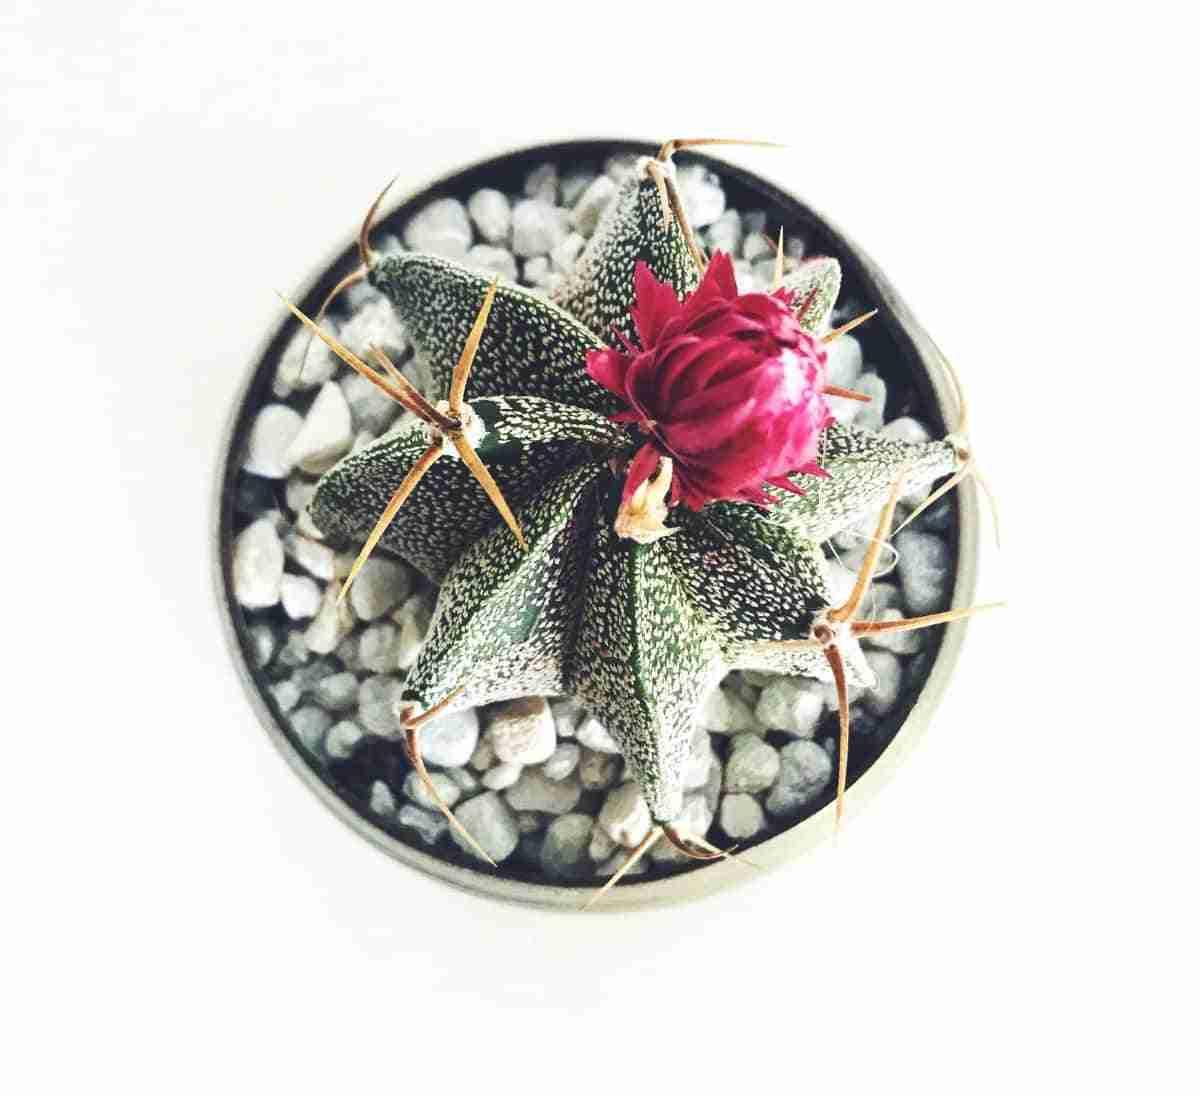 origen de los cactus